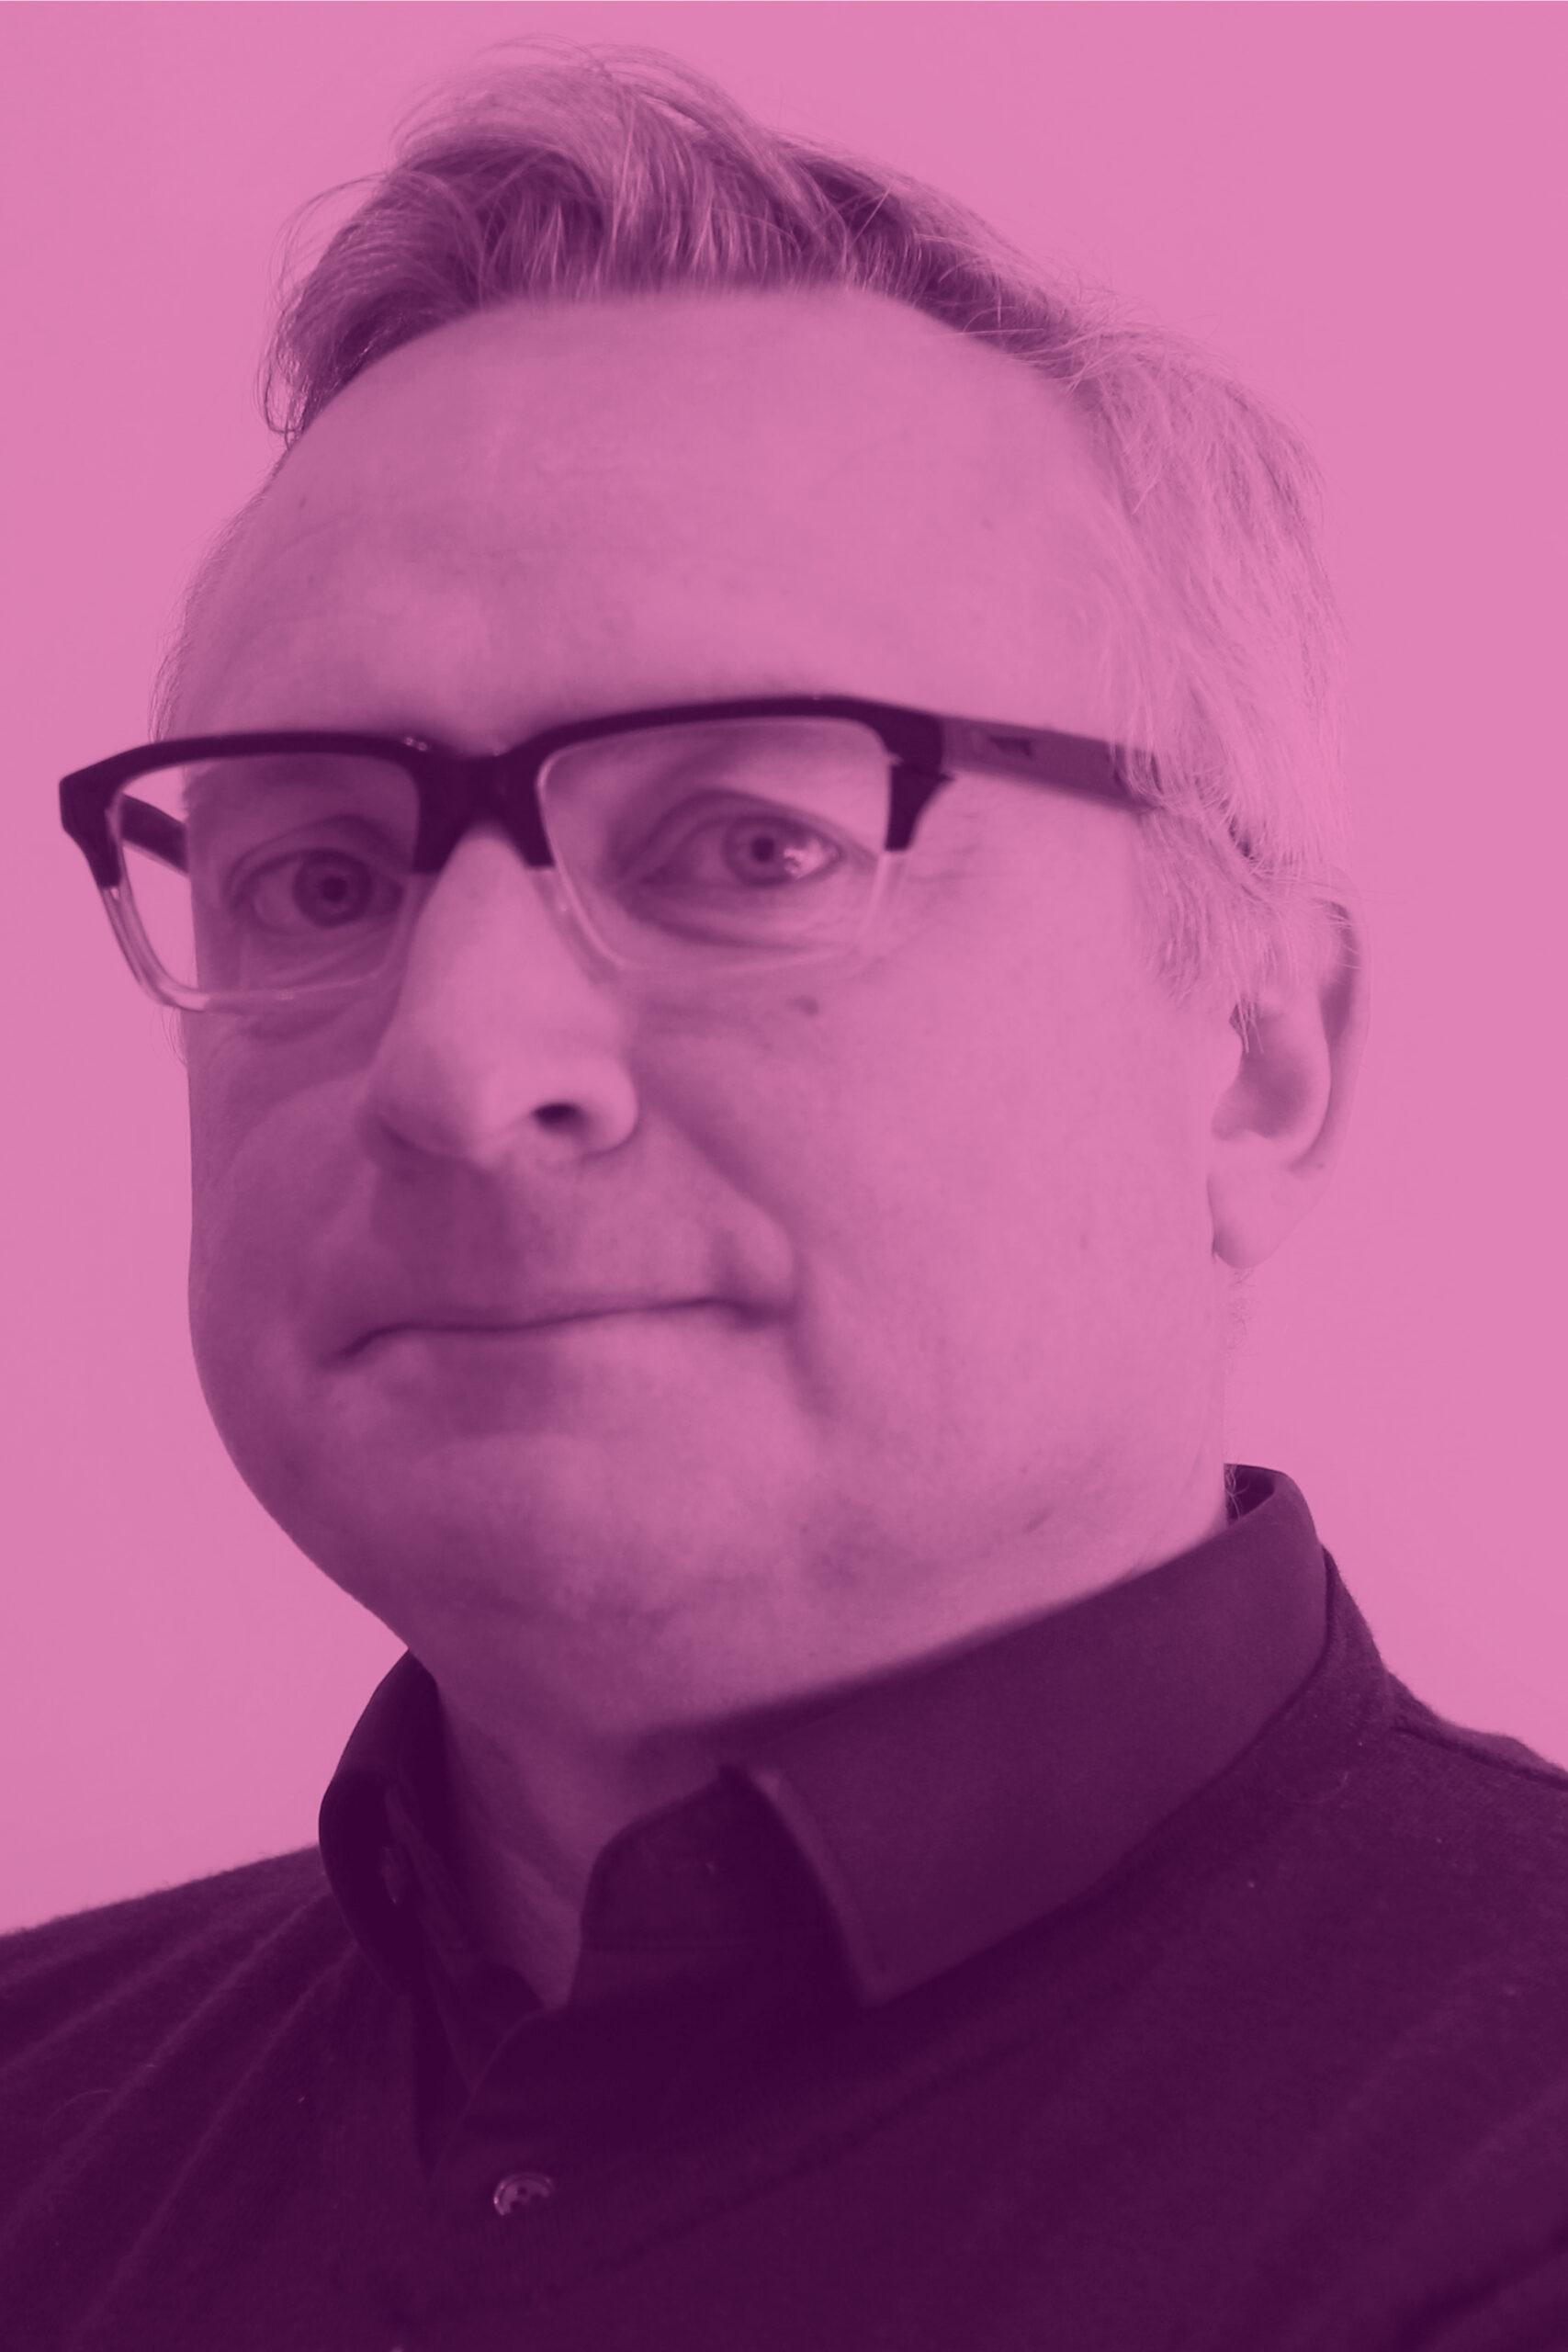 Paul Querfurth